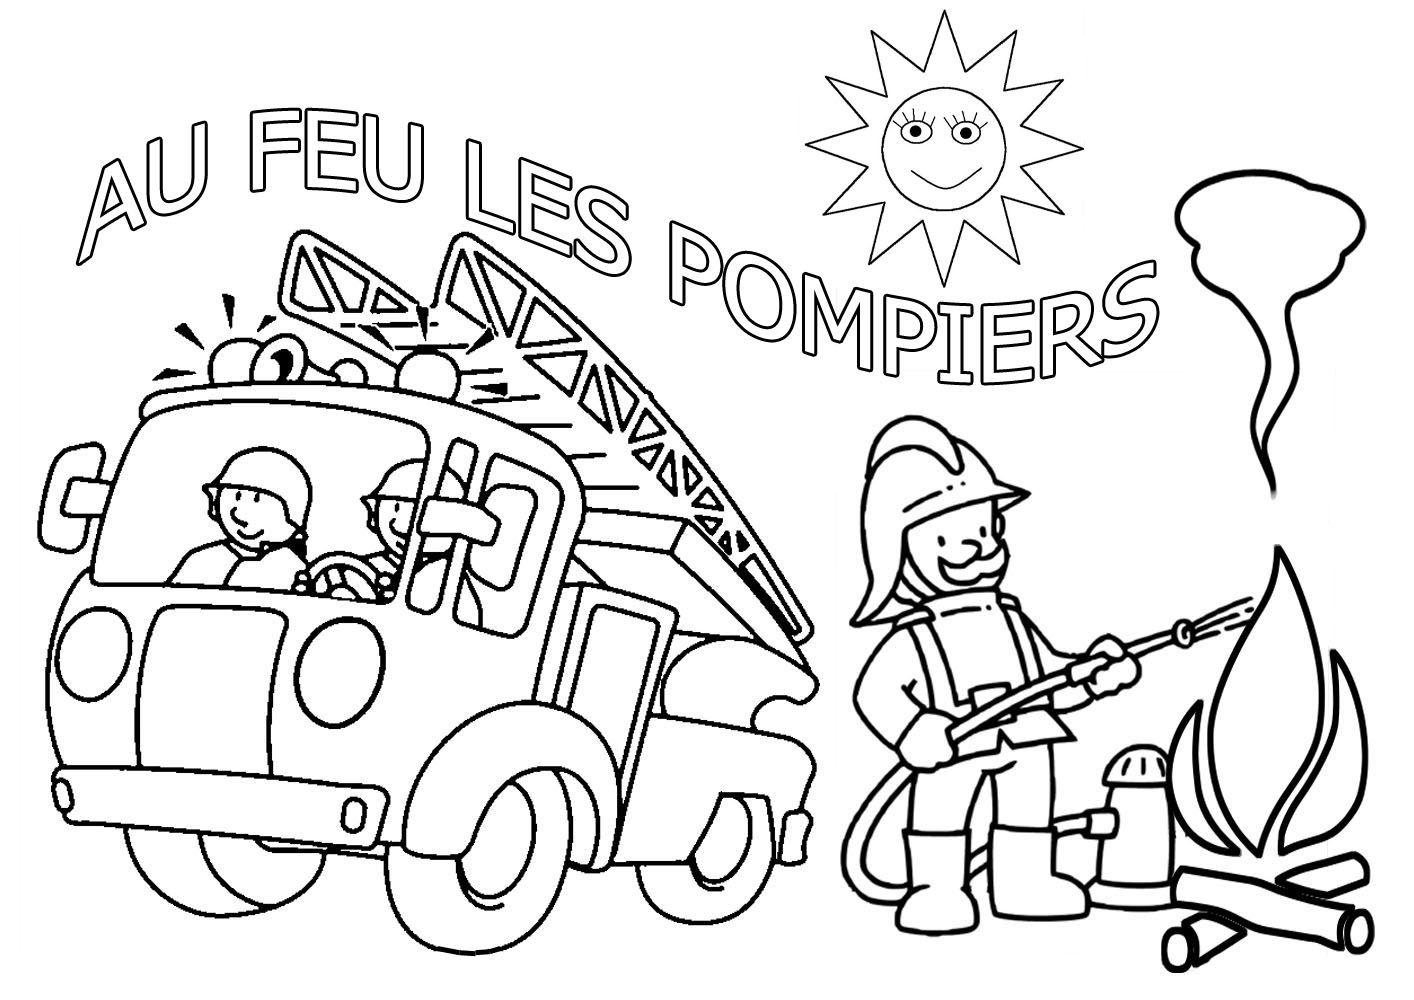 Coloriage sam le pompier colorier dessin imprimer fireman pompier coloriage pompier - Coloriages pompiers ...